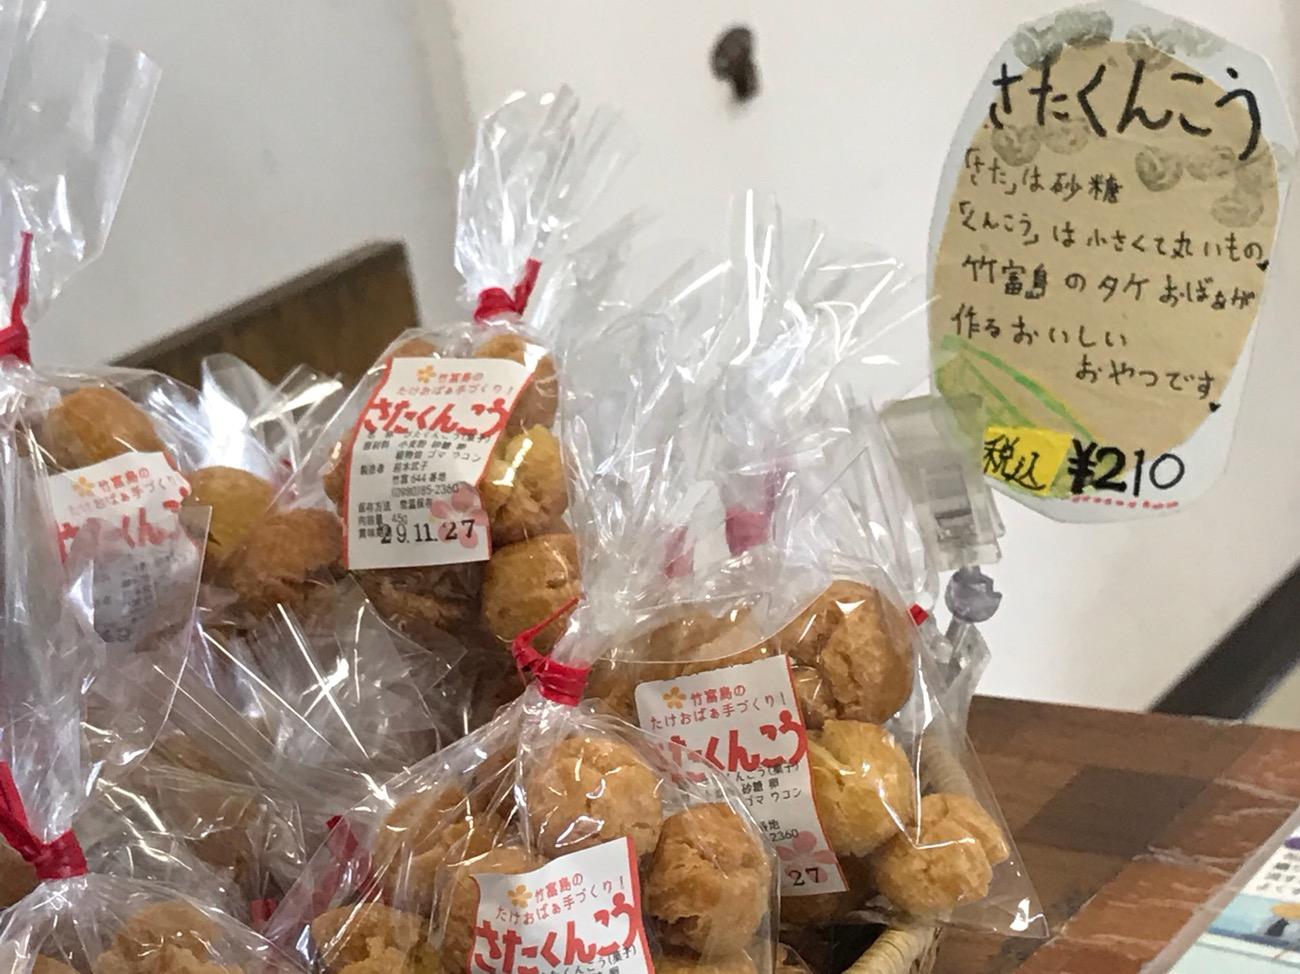 竹富島ターミナル食事 竹富島旅行